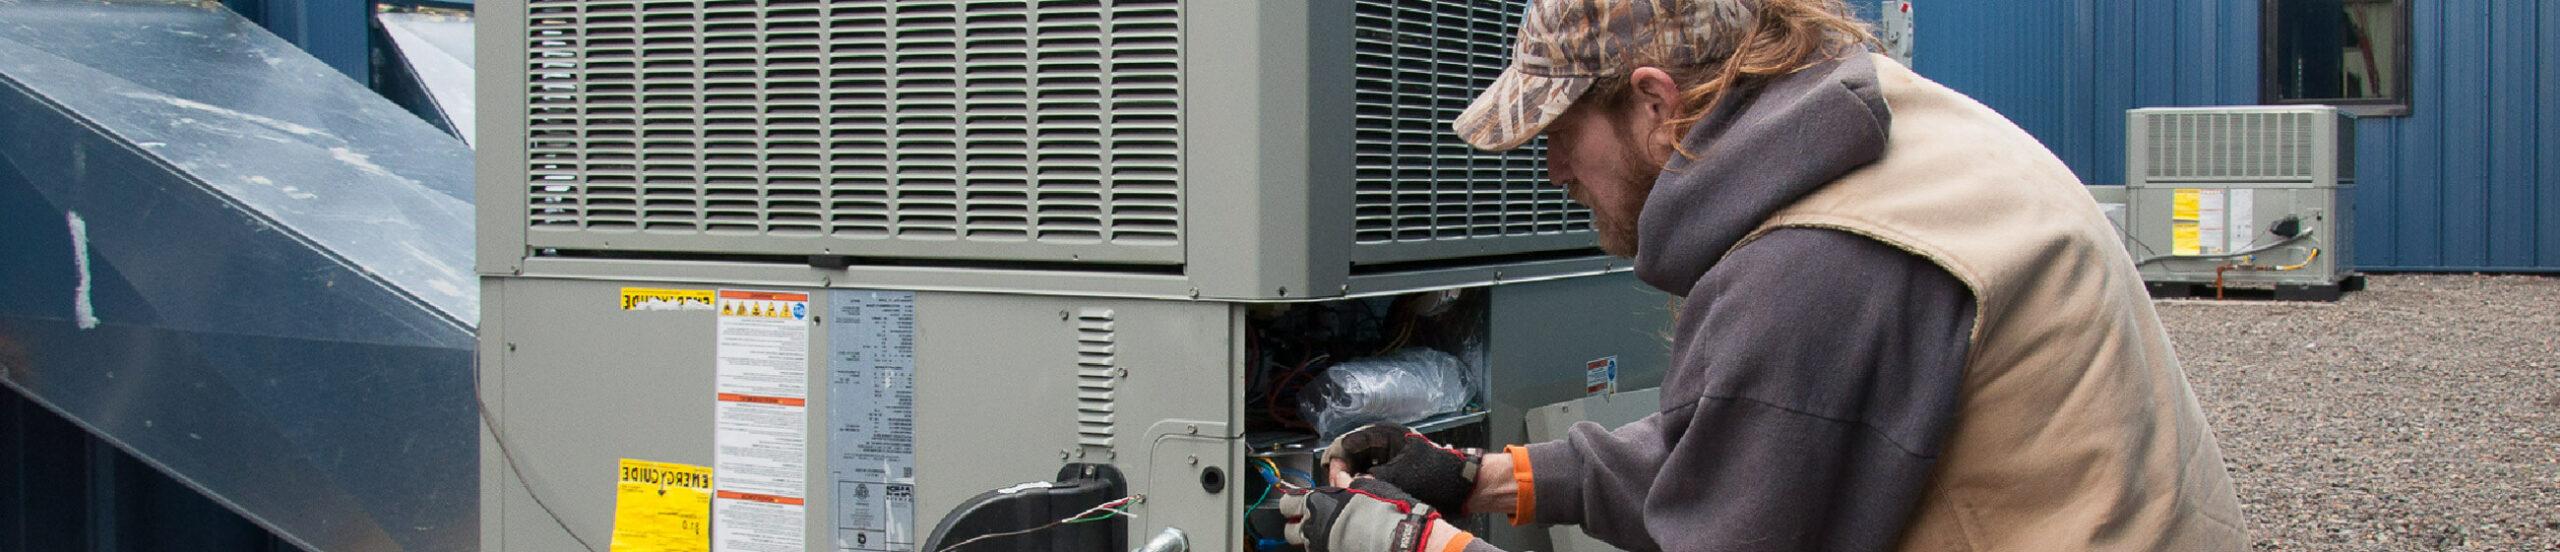 HVAC technician servicing a commercial HVAC unit